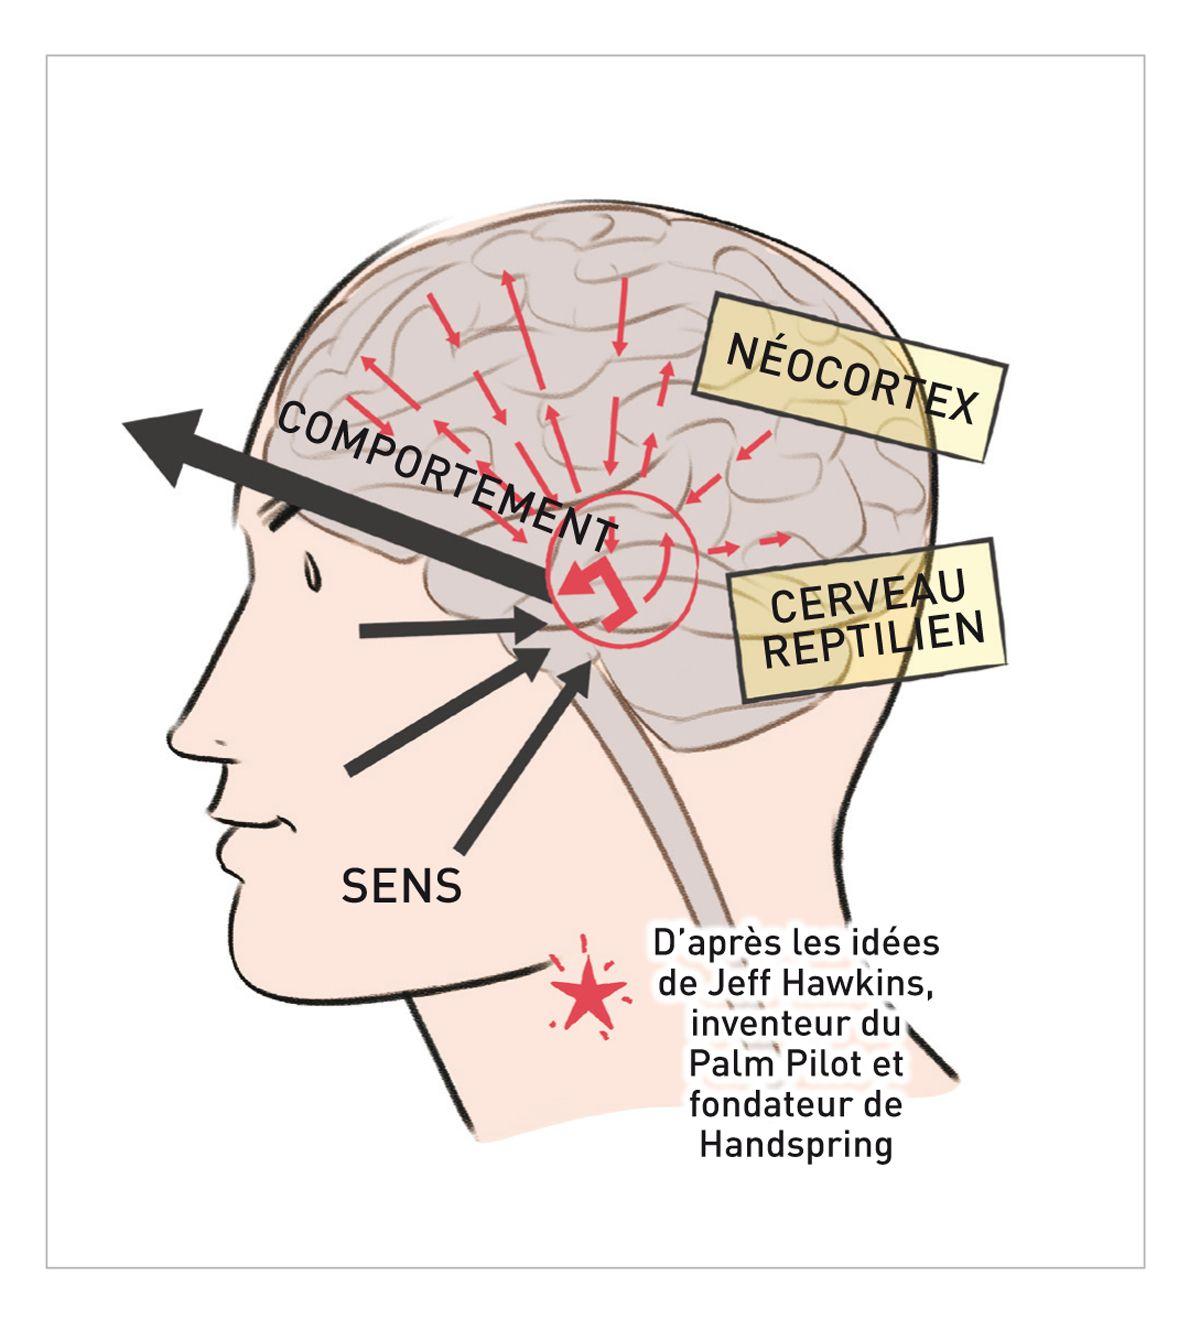 Le cerveau reptilien traduit directement les sensations en comportements mais nous pouvons apprendre à notre néocortex à garder le contrôle de la situation.